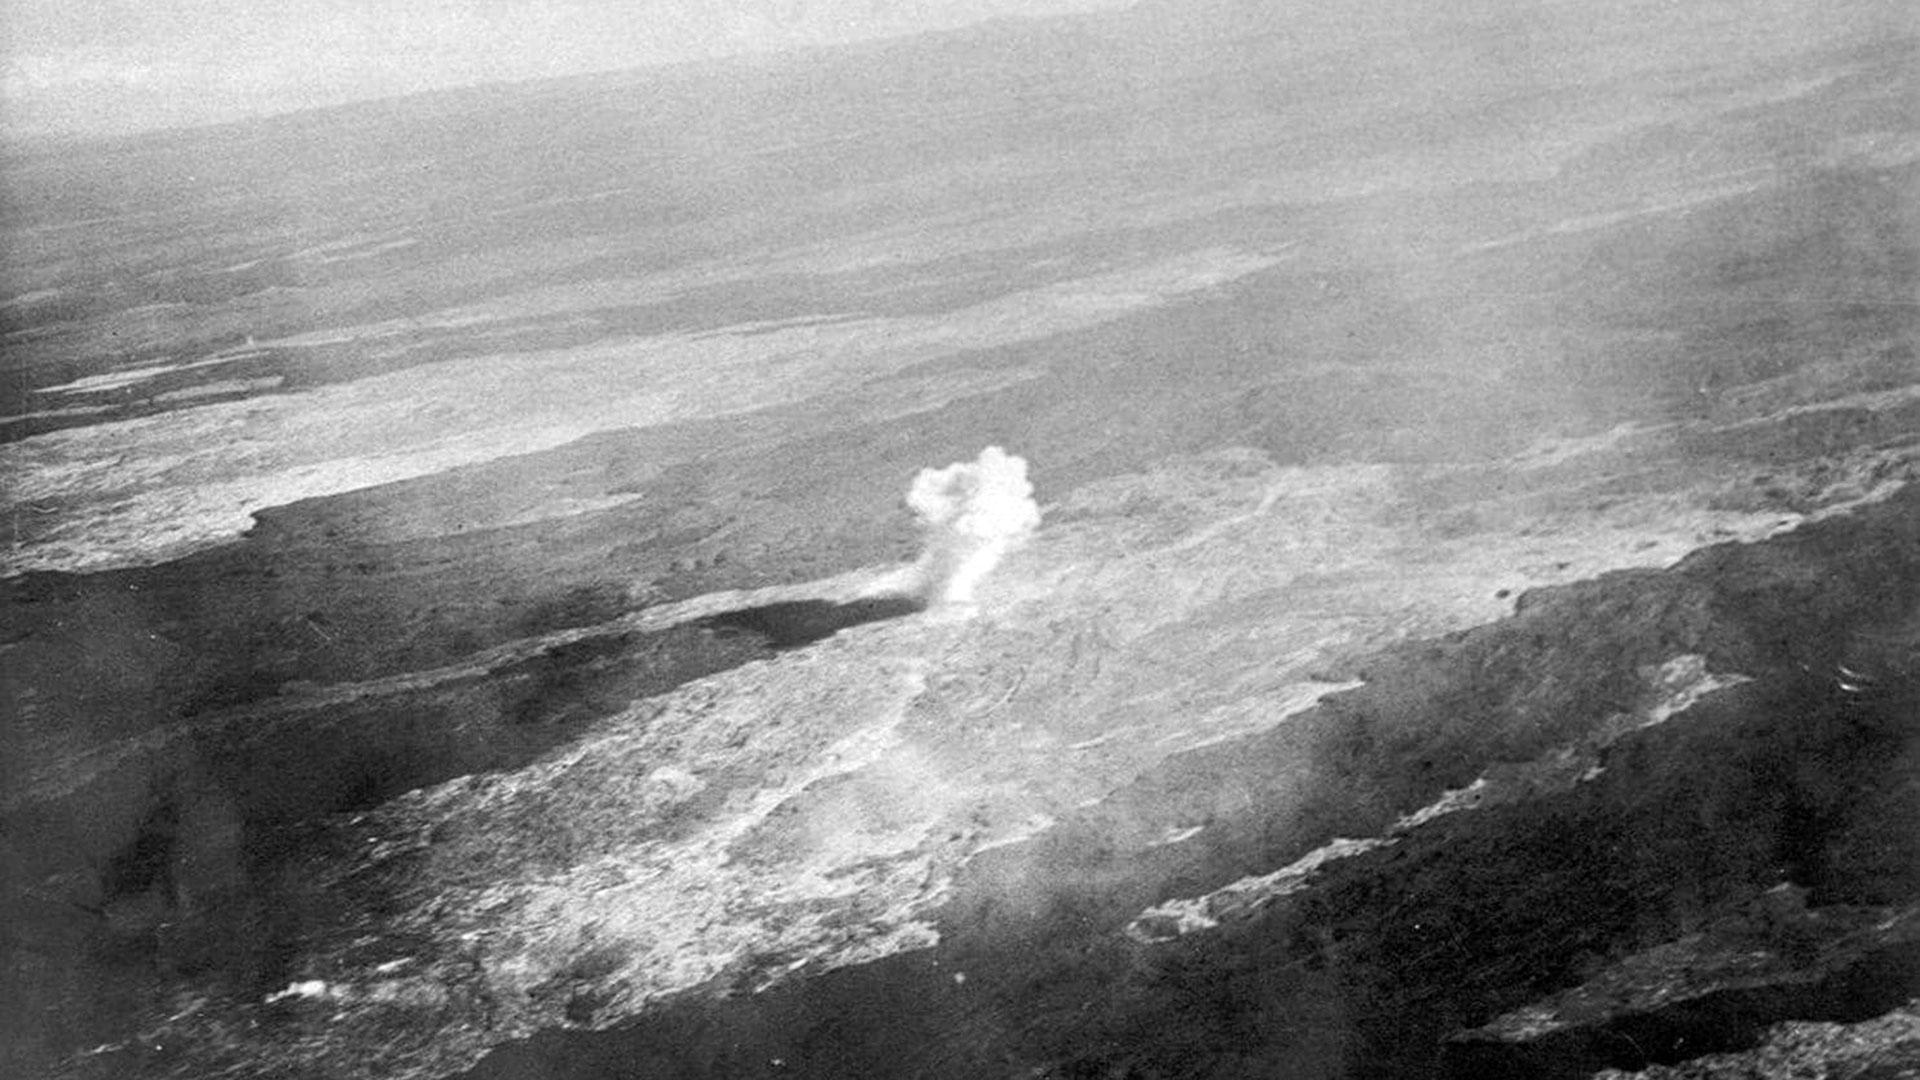 Una bomba detona en el volcán Mauna Loa el 27 de diciembre de 1935. El plan fueideado por Thomas Jaggar y ejecutado por George S. Patton